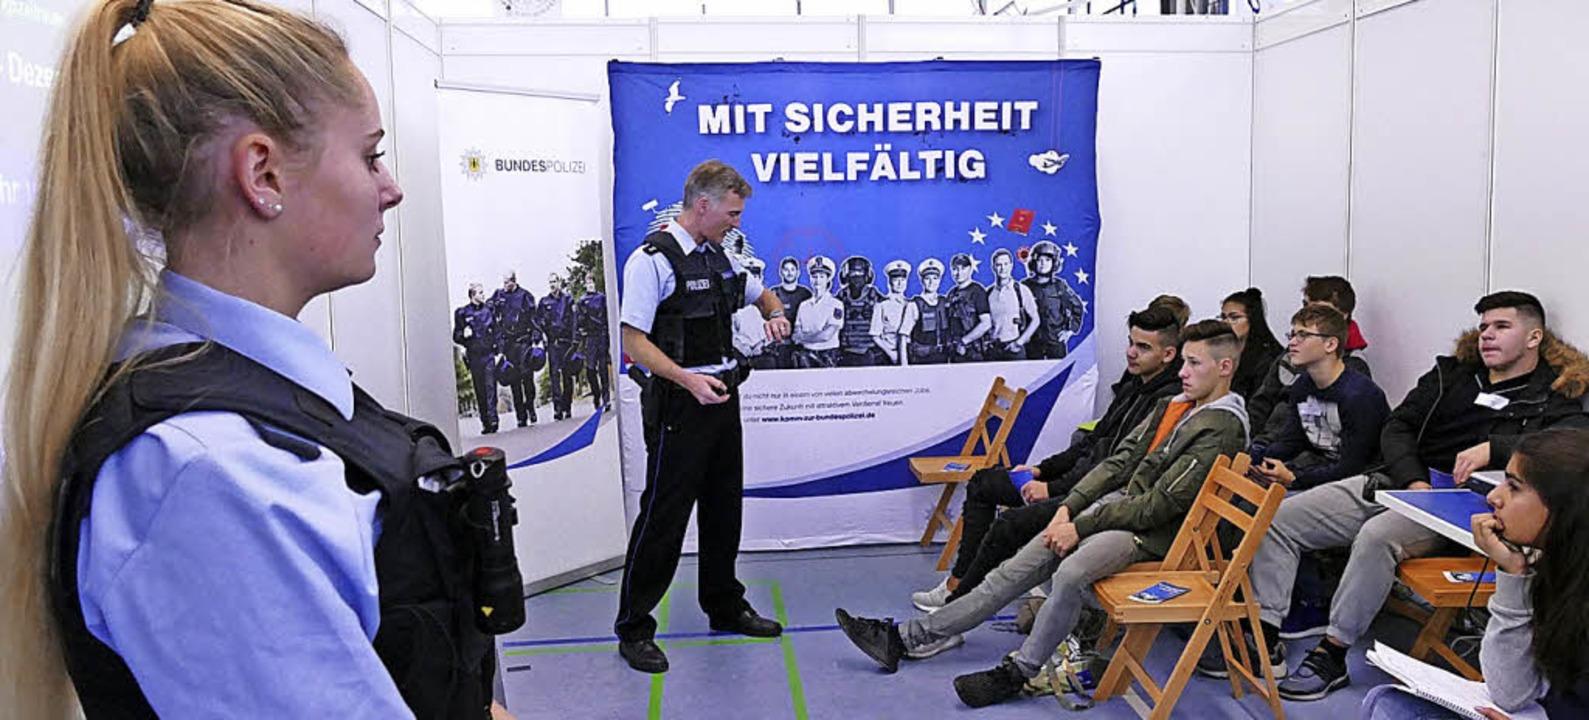 Kein Verhör: Auch die Polizei stellte sich und ihre Arbeit vor.  | Foto: Susanne Müller